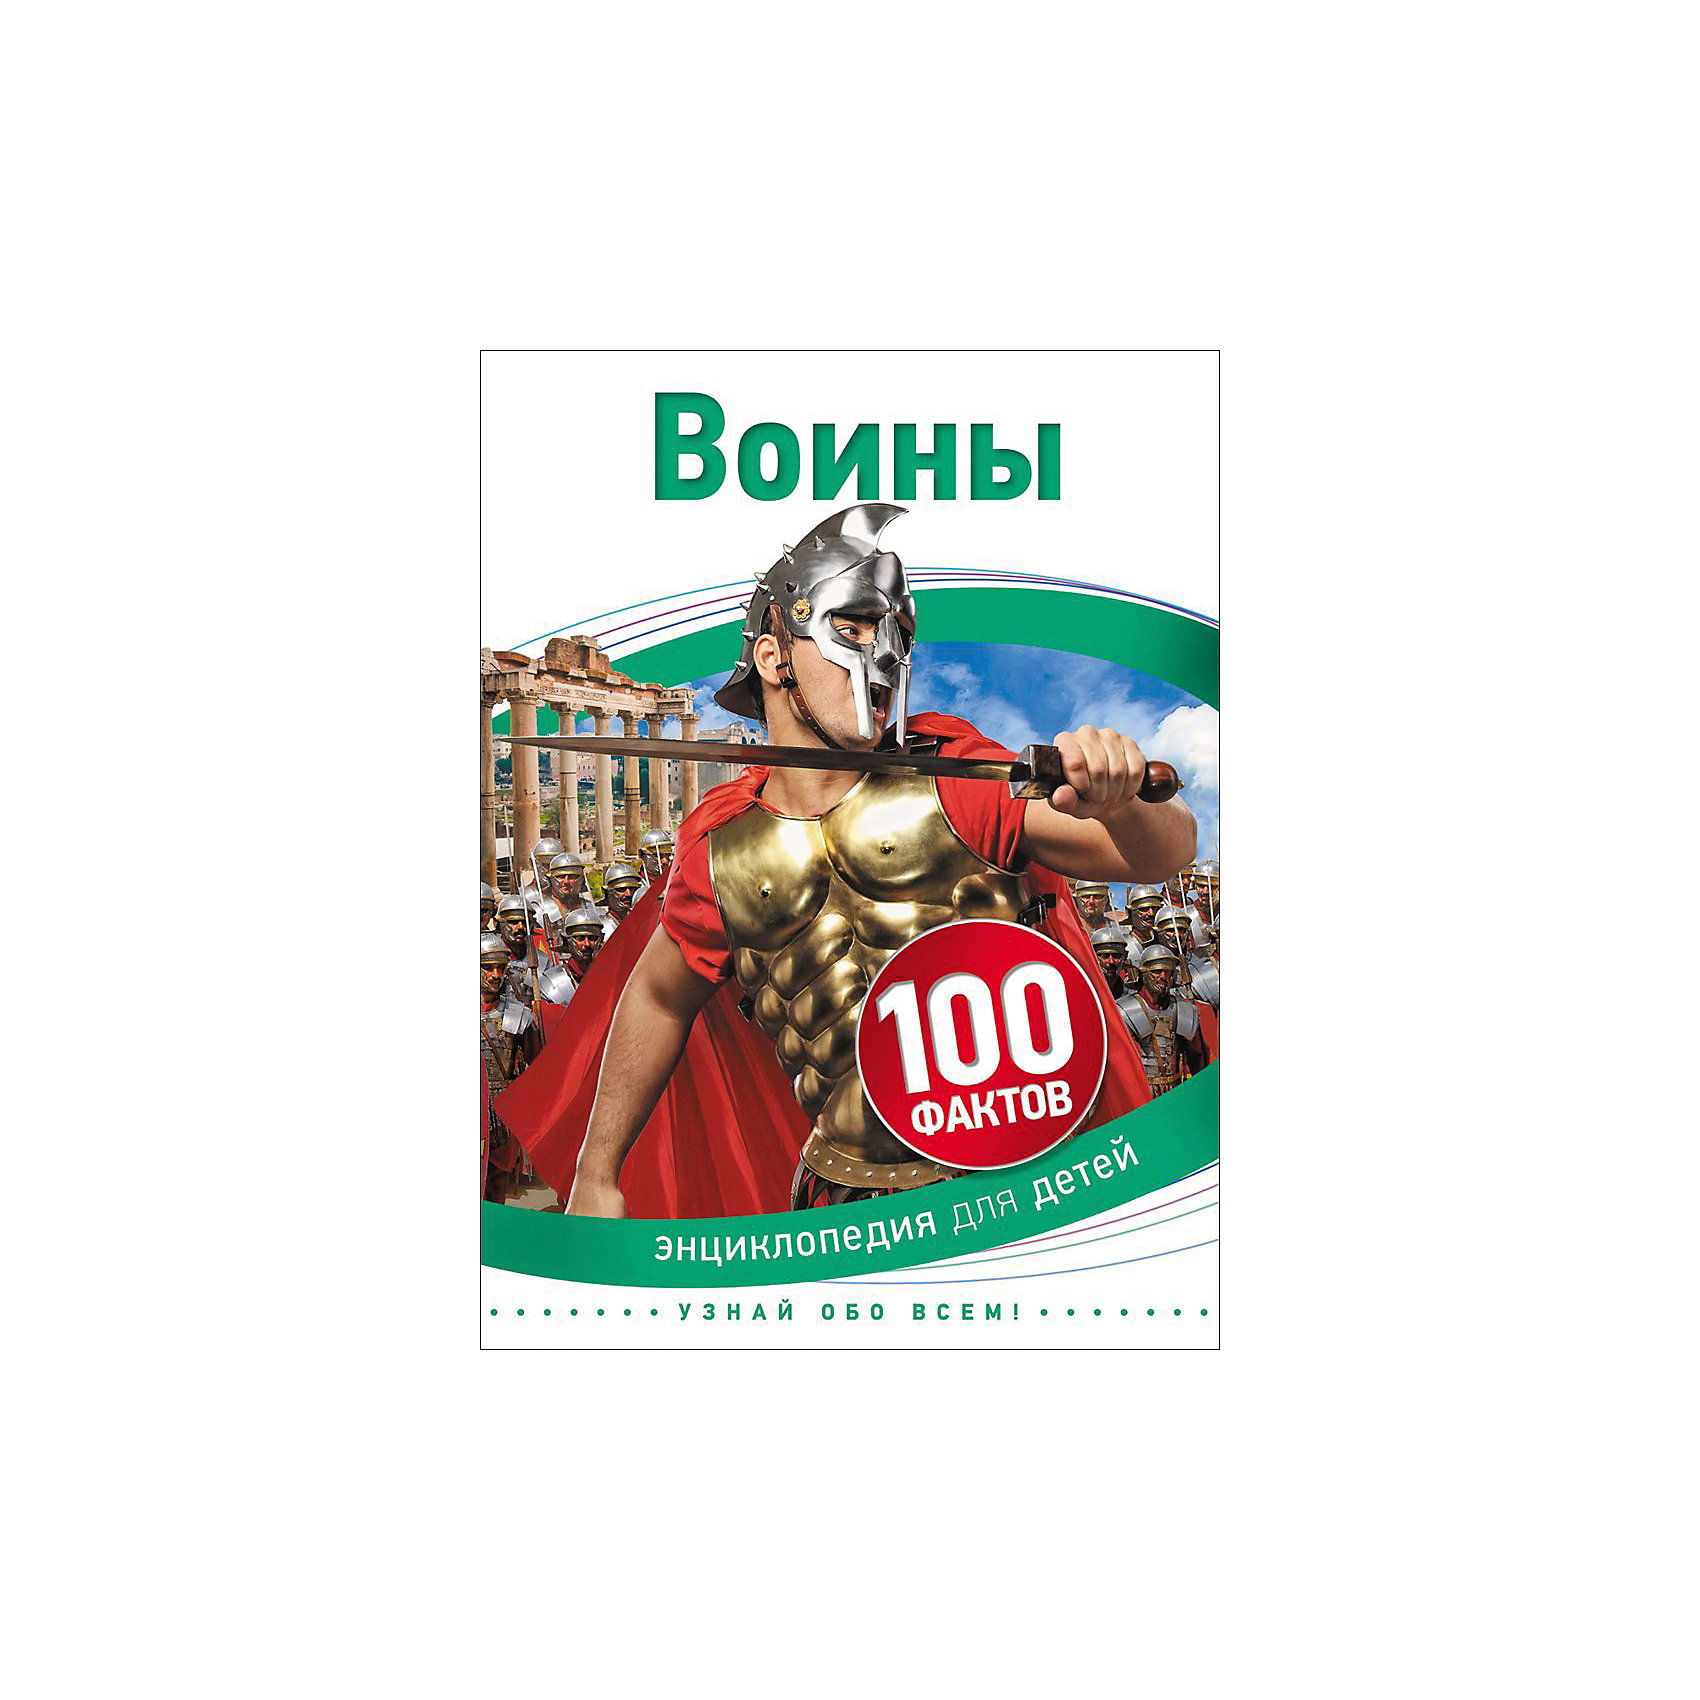 Росмэн Воины (100 фактов) росмэн воины